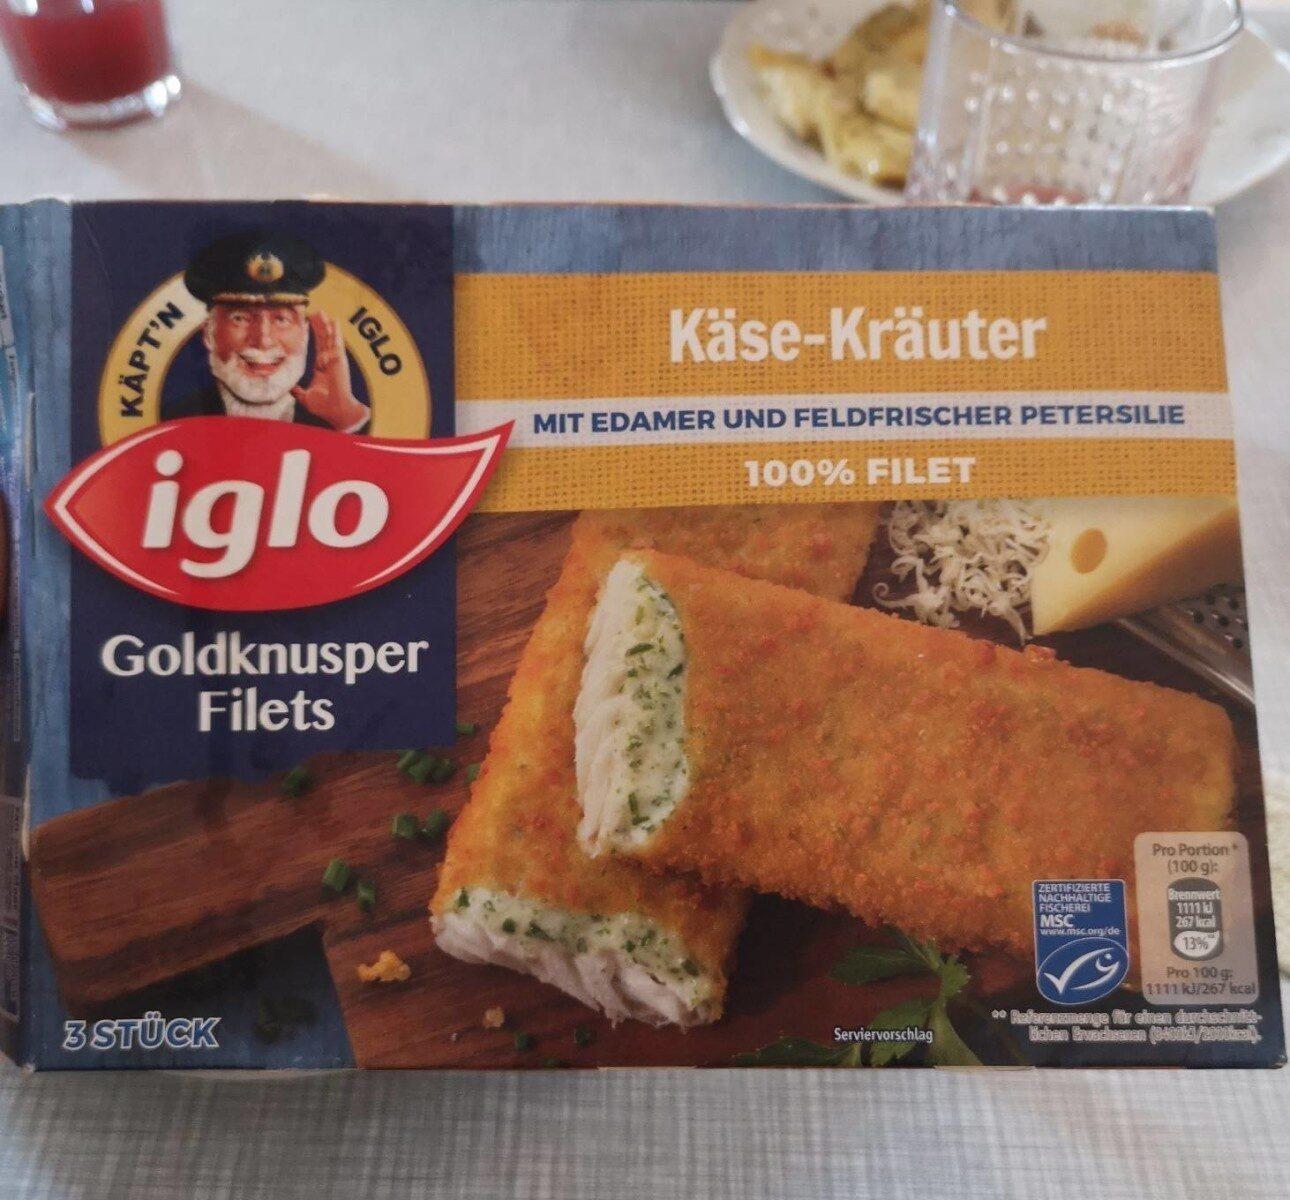 Goldknusper-Filets Käse-Kräuter - Product - de